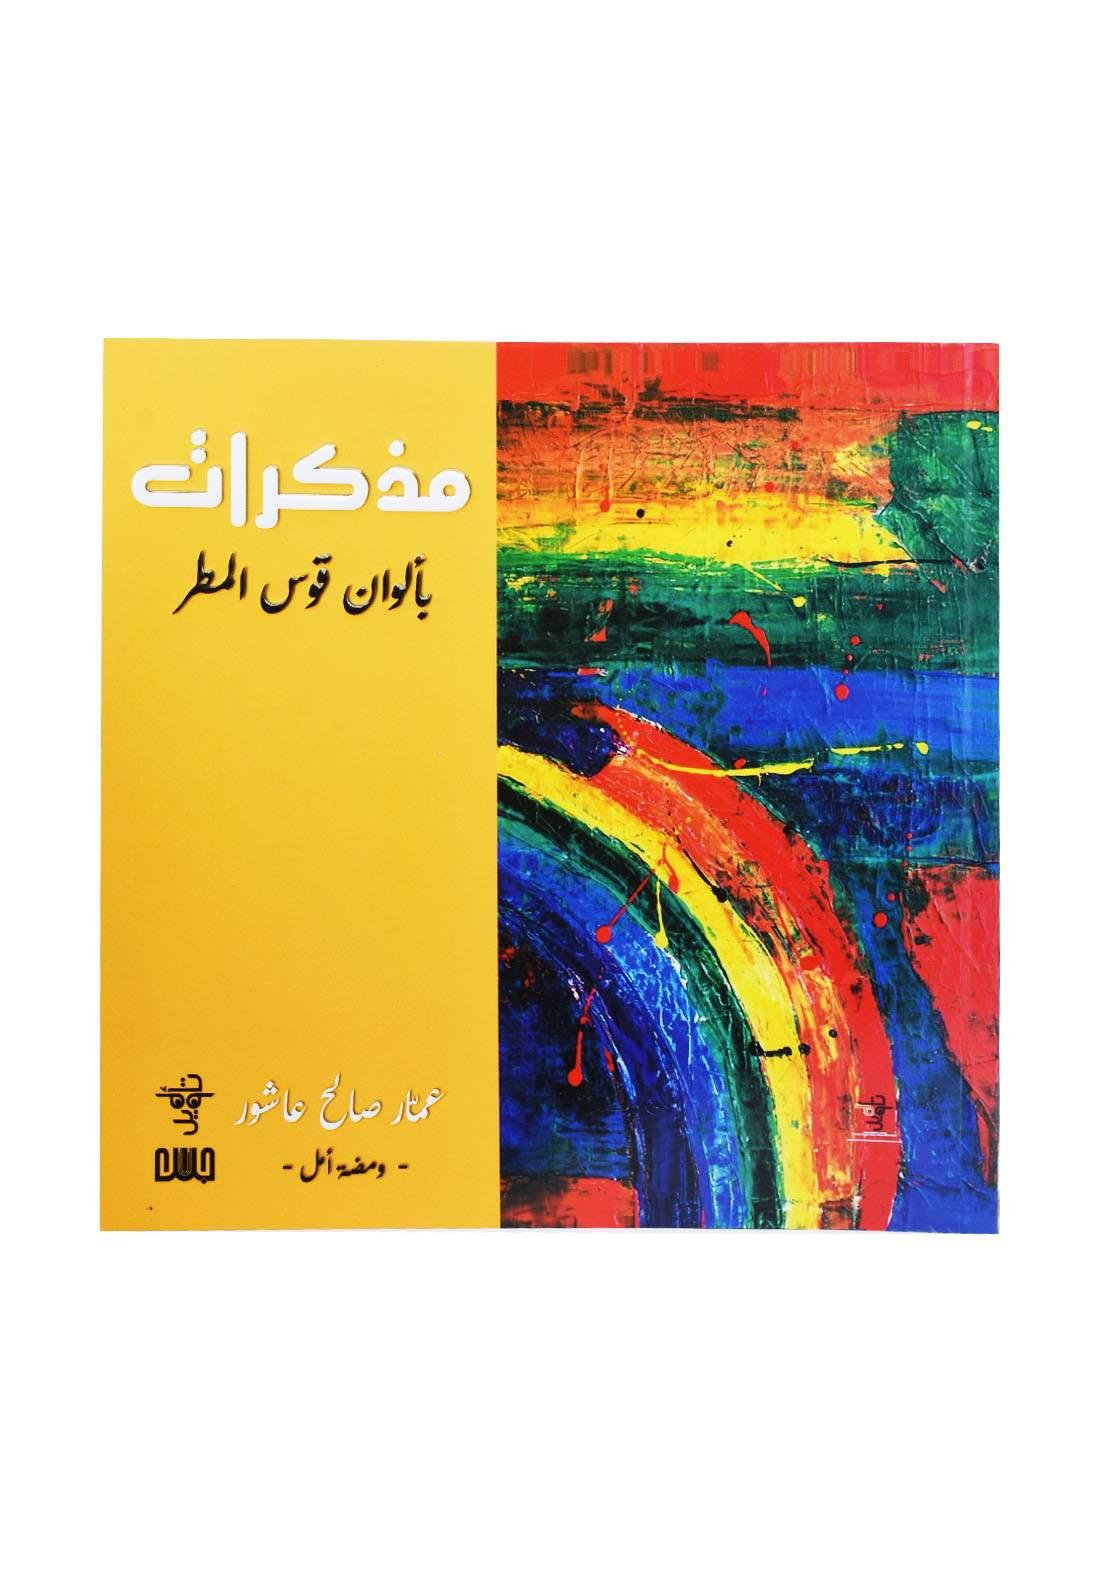 مذكرات بالوان قوس المطر